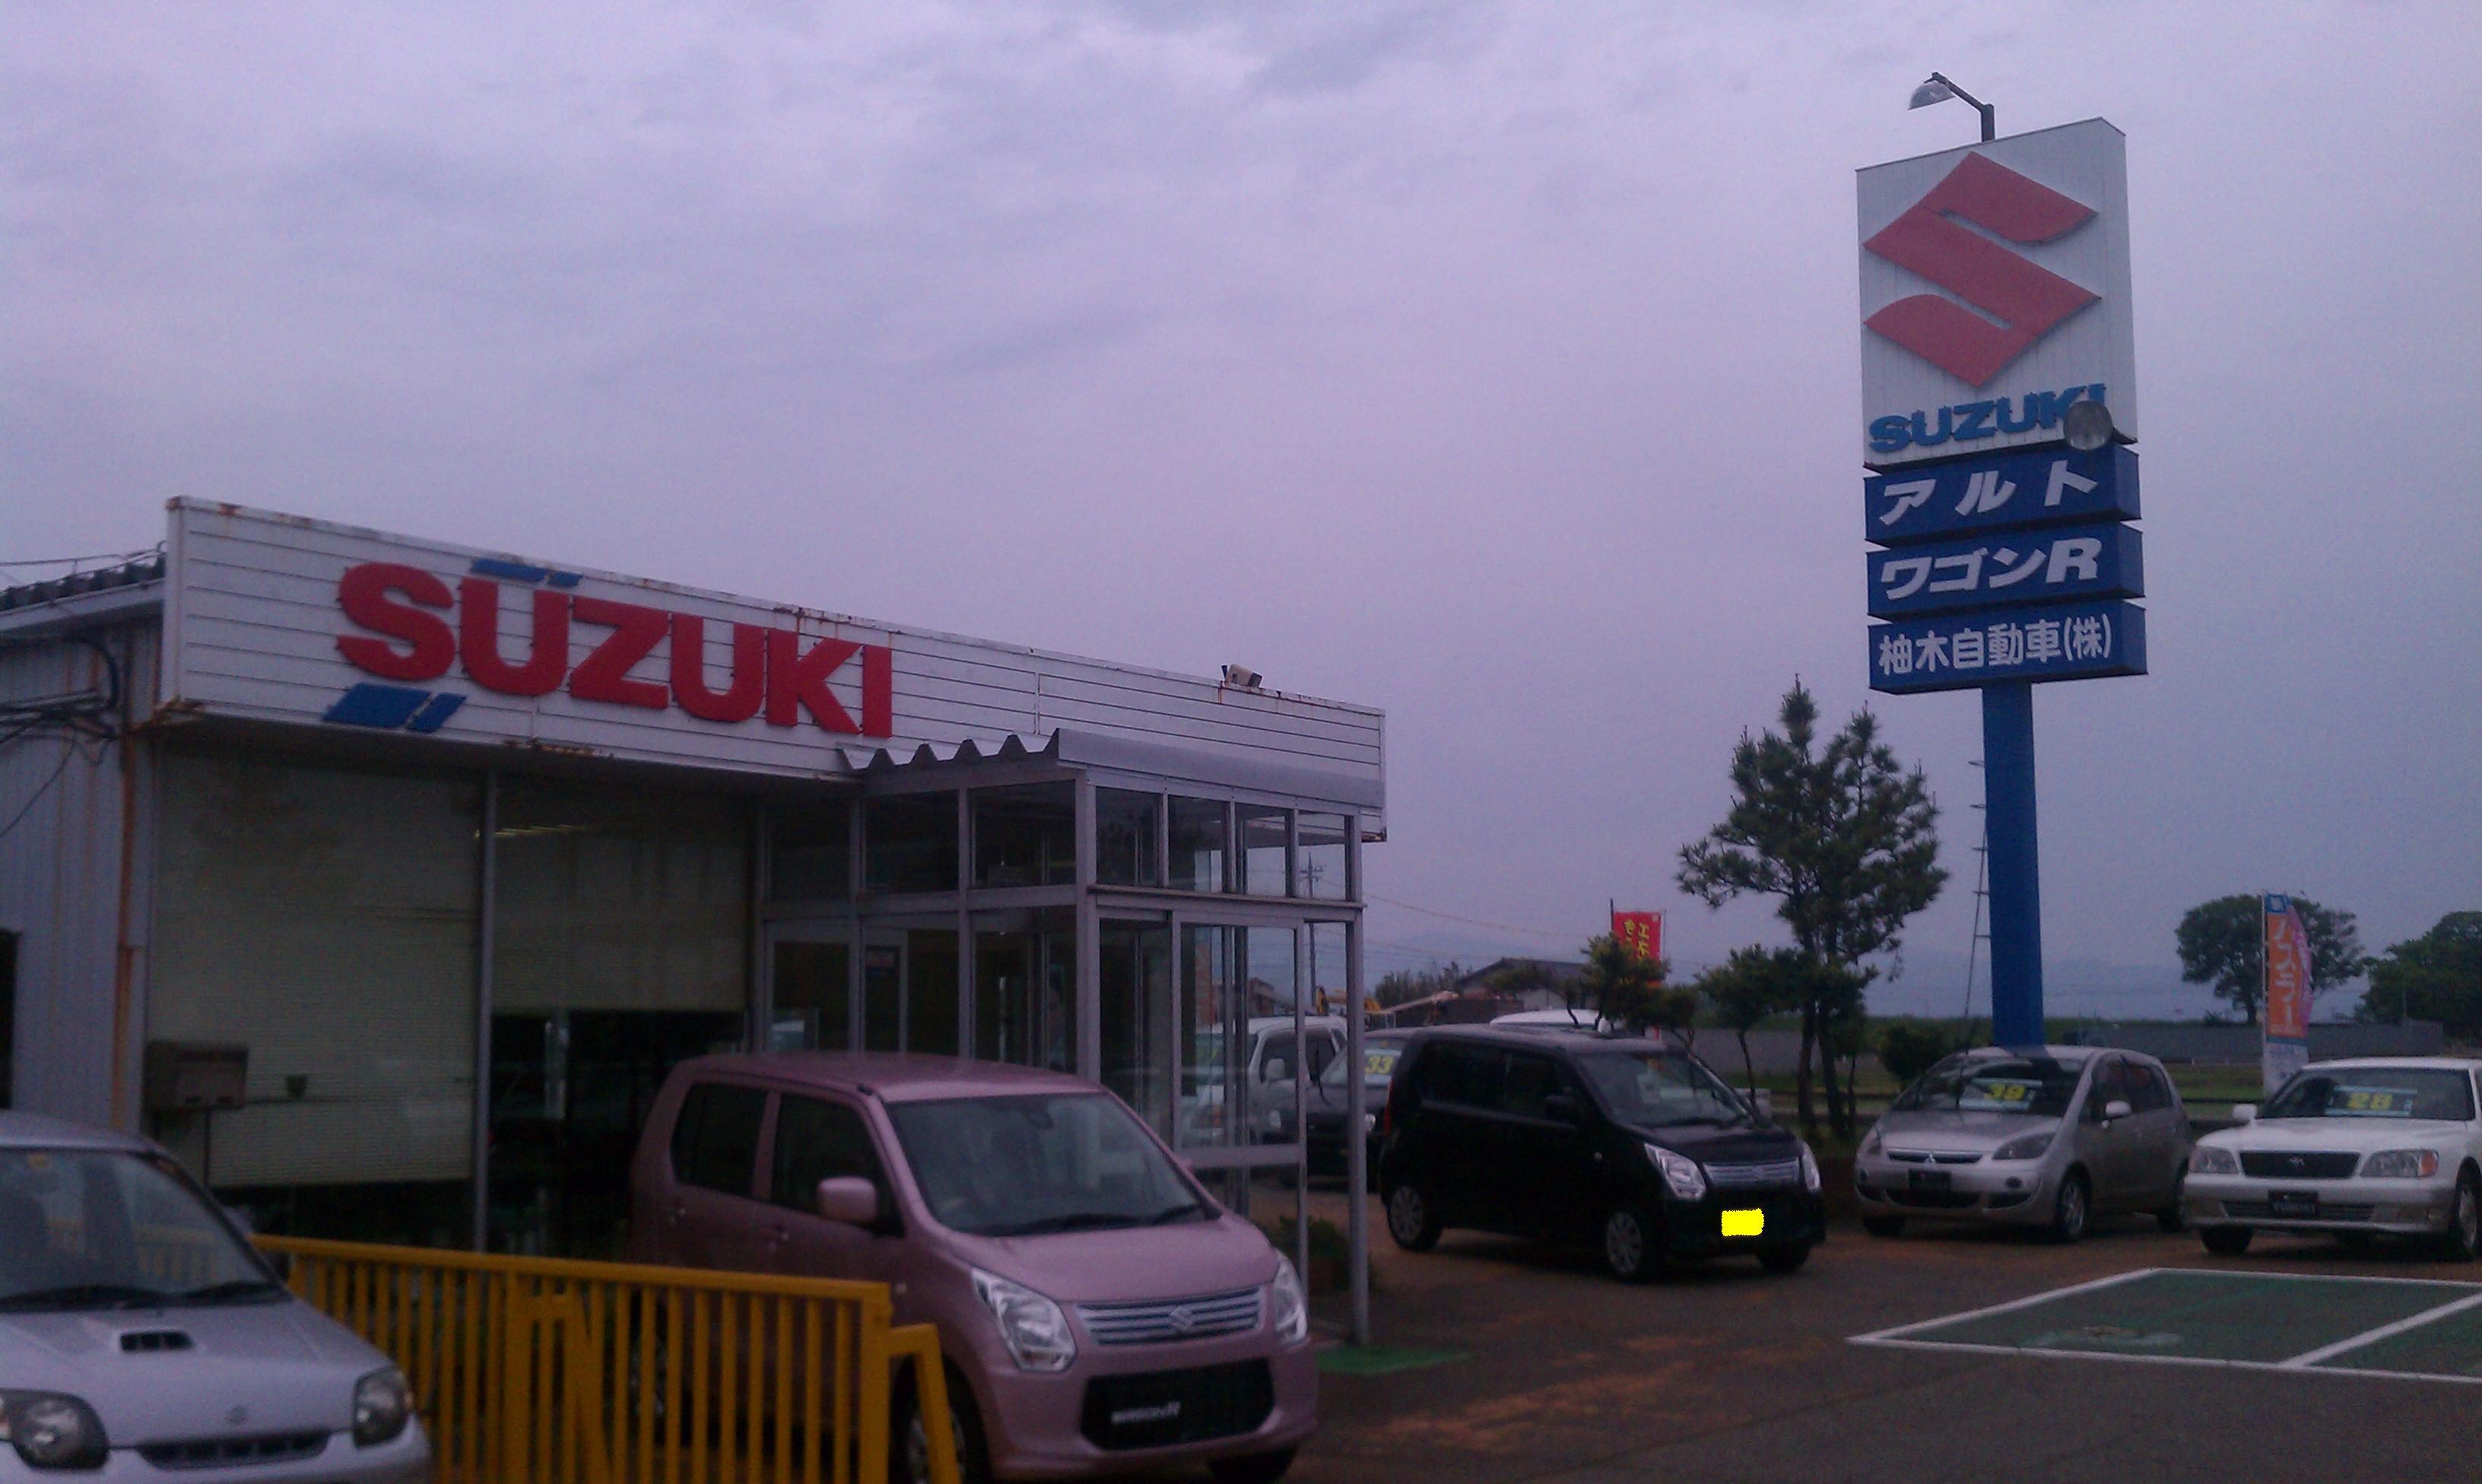 柚木自動車(株)